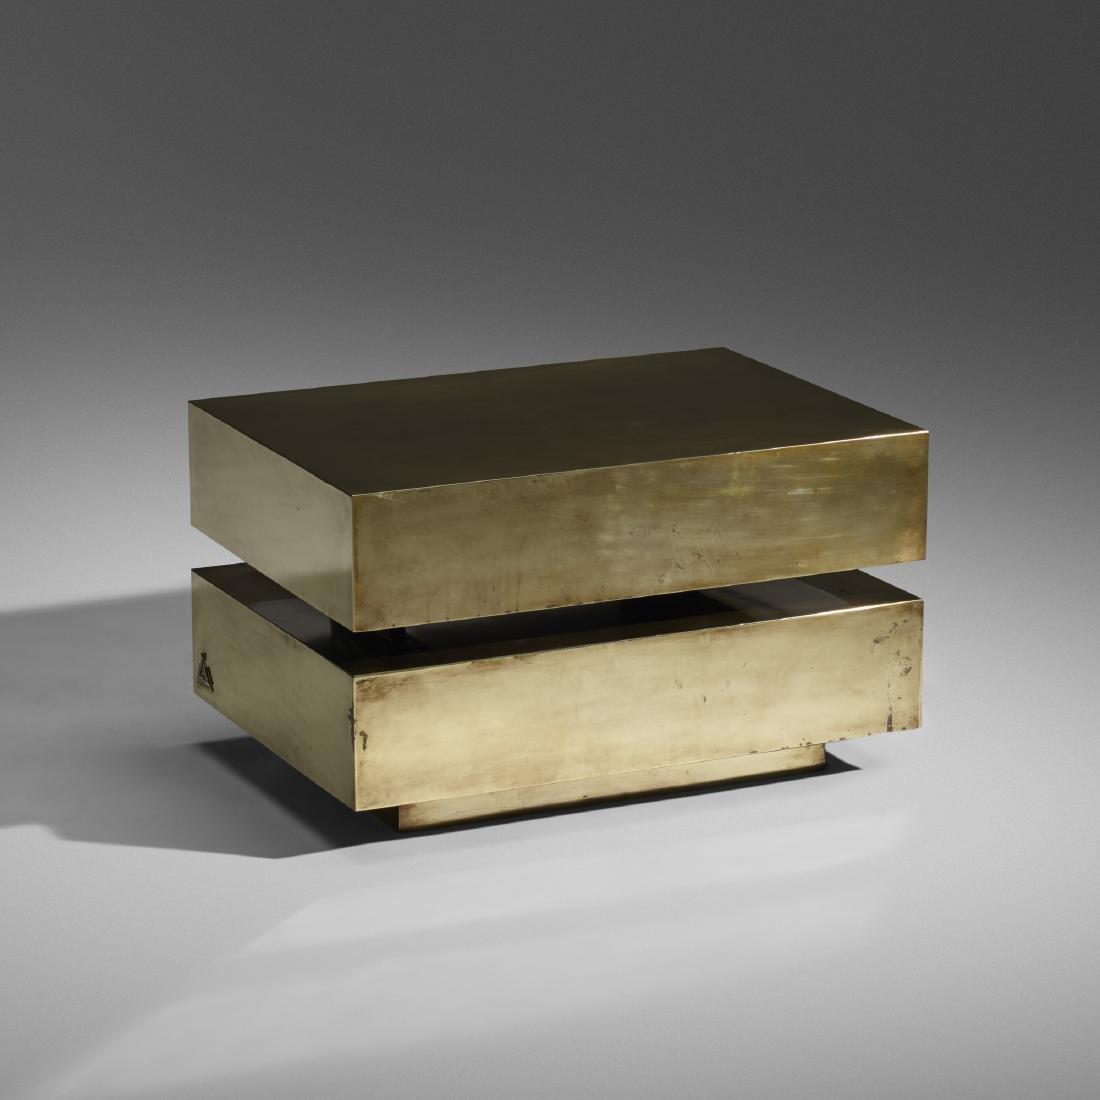 Gabriella Crespi, coffee table